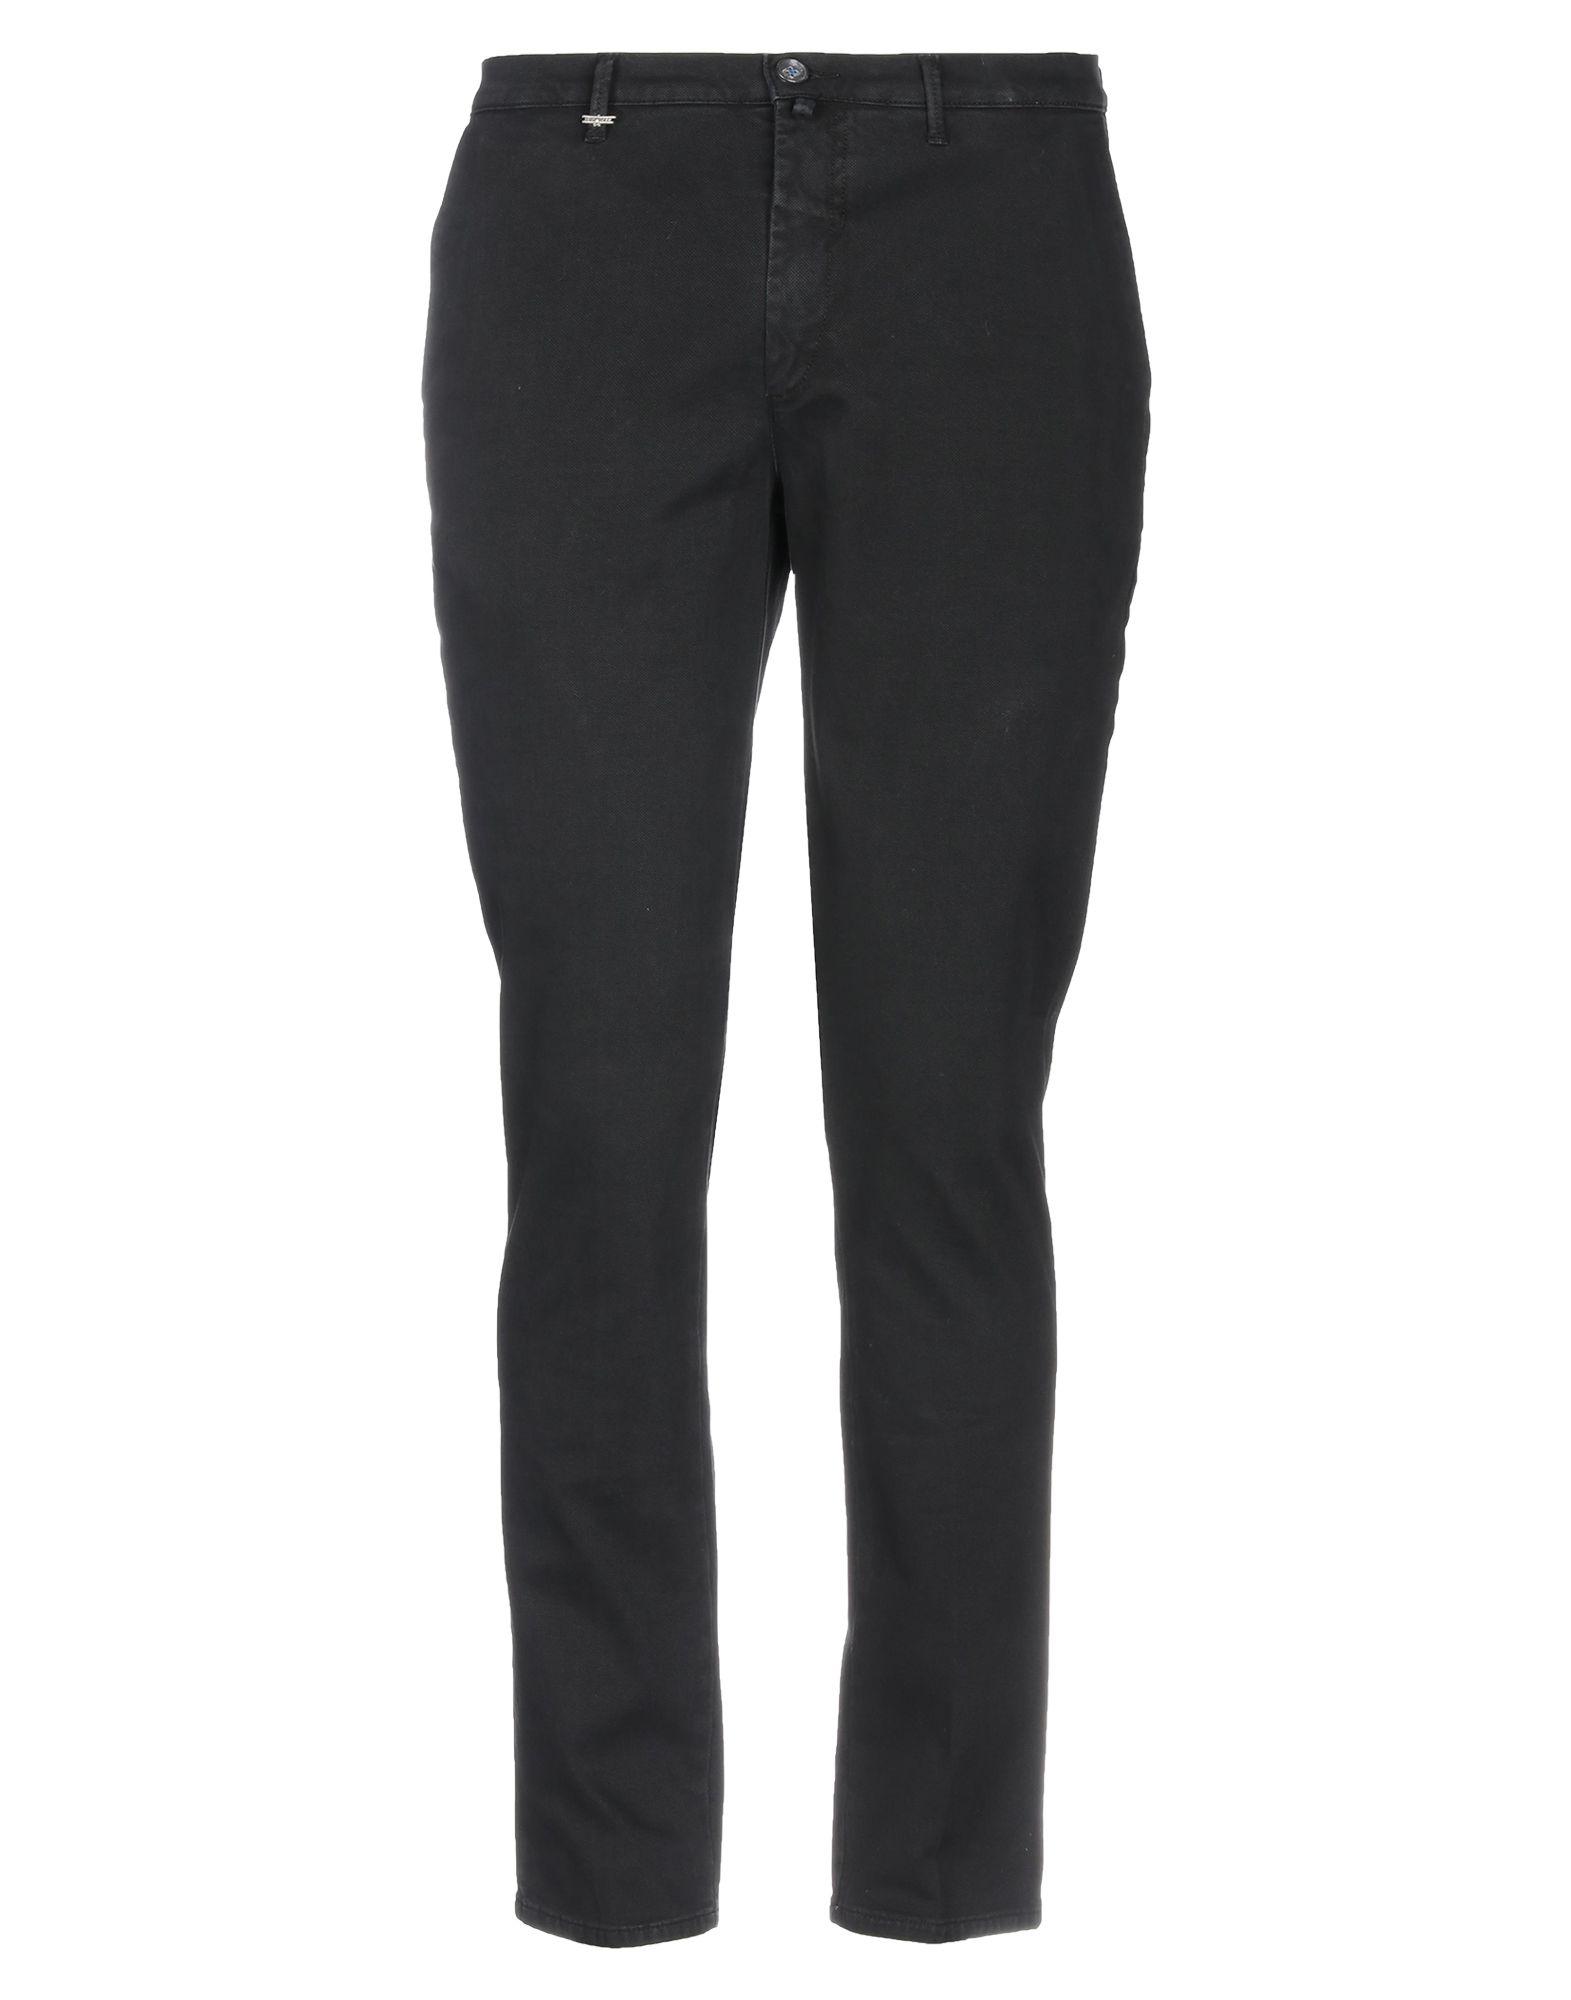 《期間限定 セール開催中》QUOTA OTTO メンズ パンツ ブラック 44 コットン 98% / ポリウレタン 2%